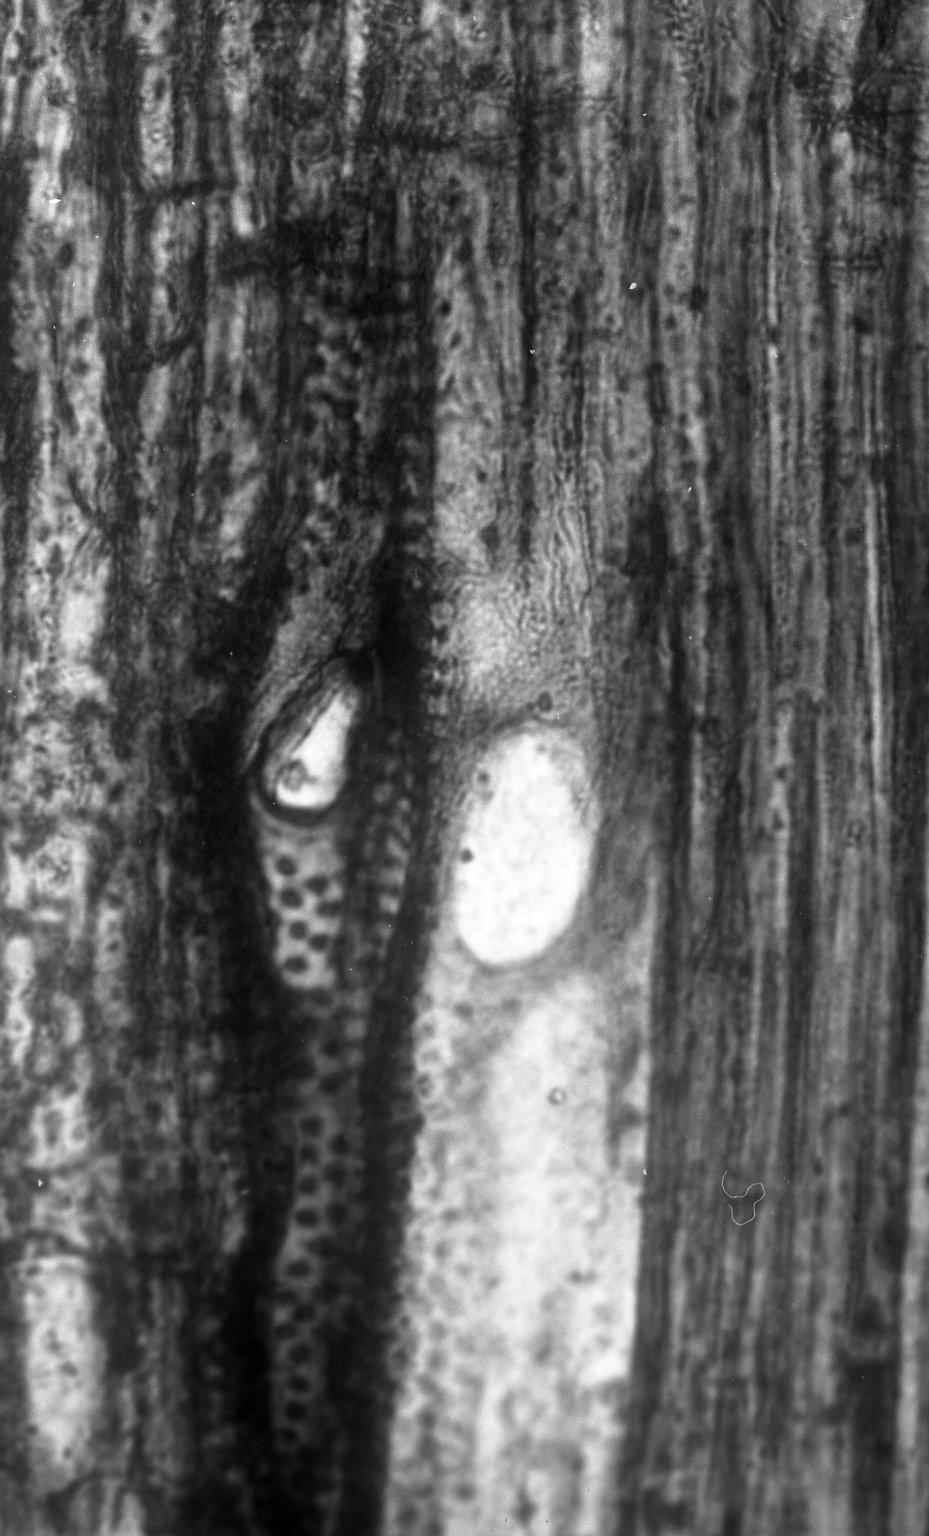 FAMILY? Clarno Nut Beds Xylotype III-C-ii 2